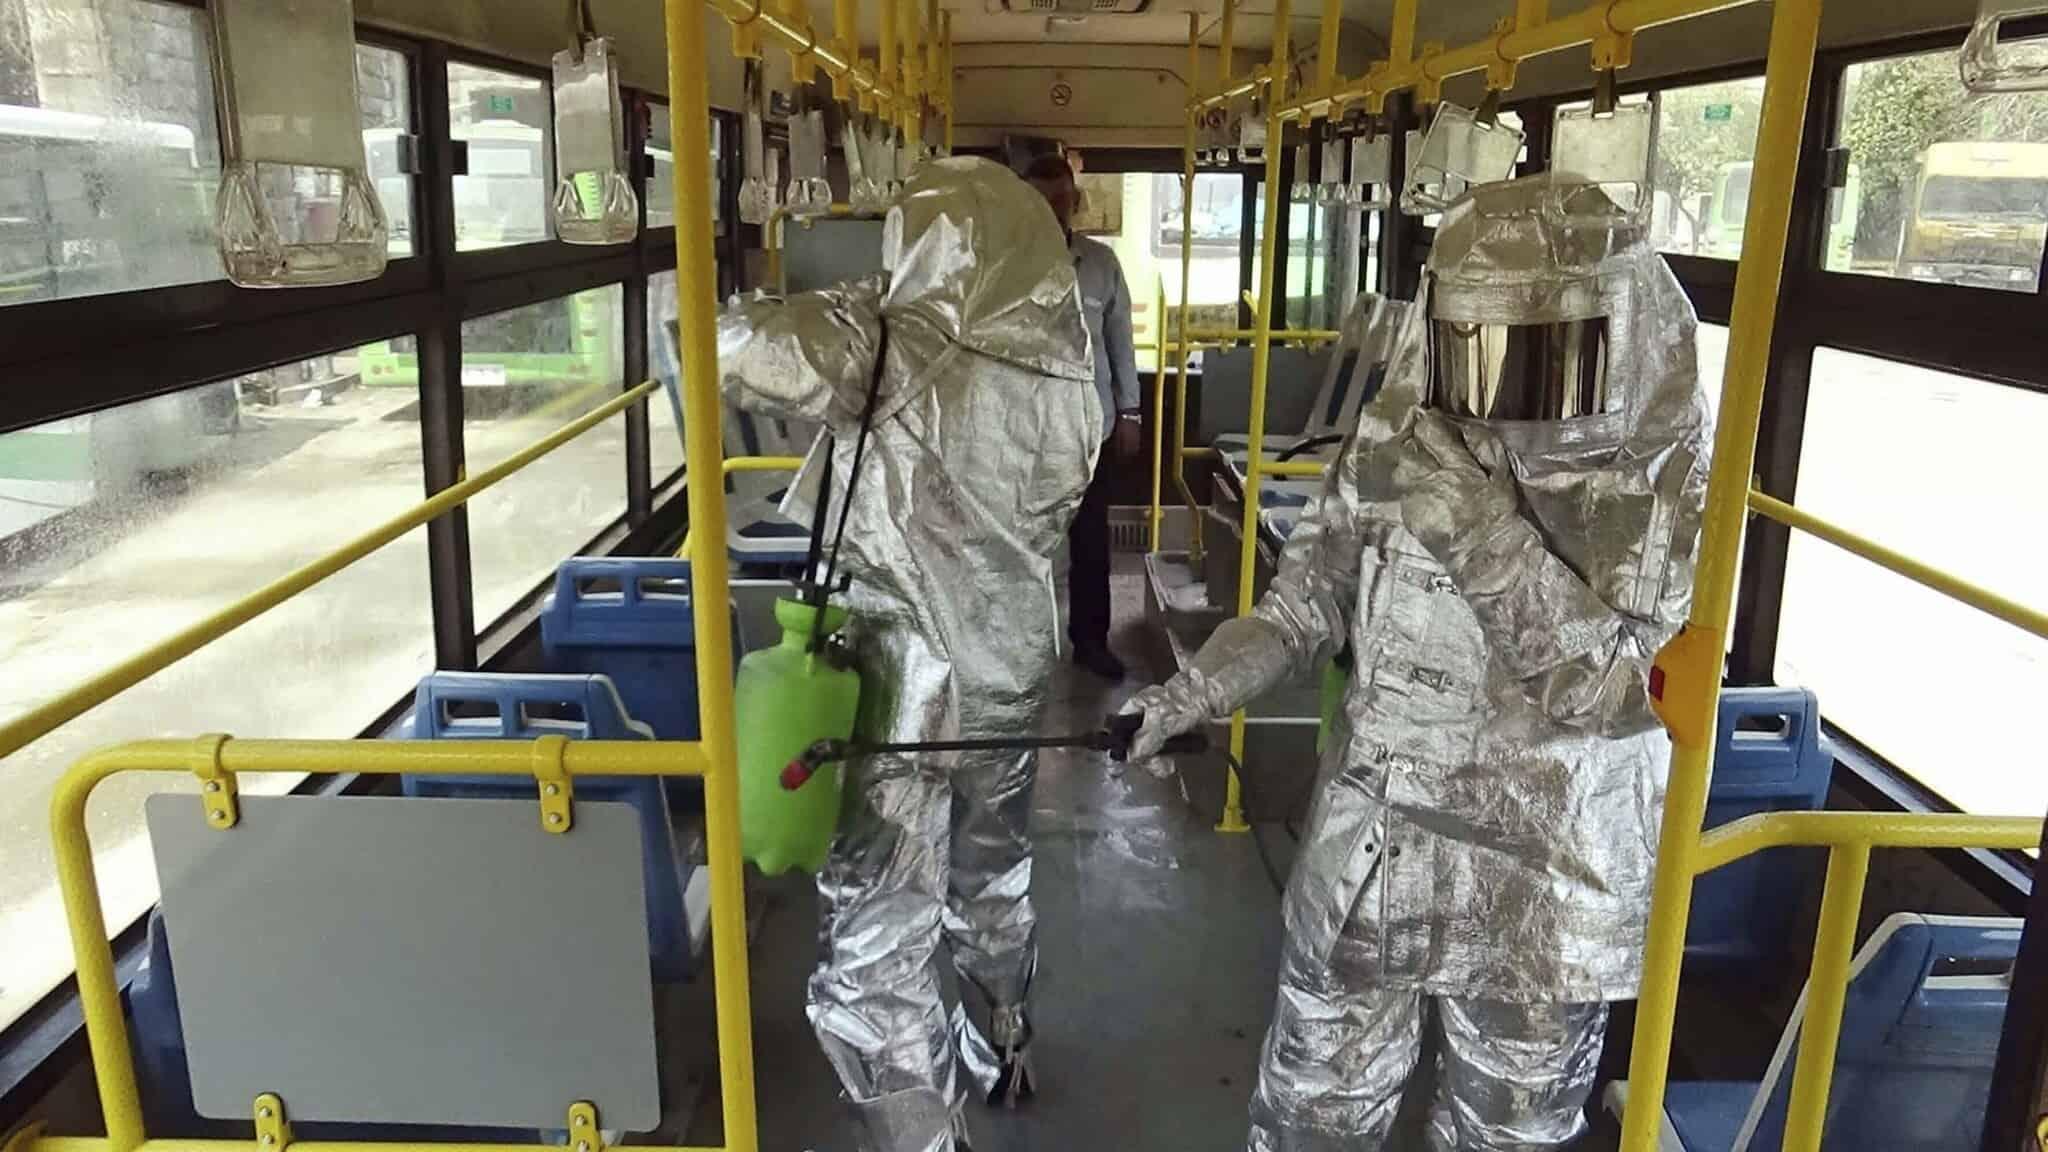 מגפת הקורונה: חיטוי אוטובוס בסוריה. את התמונה הפיצה סוכנות הידיעות הסורית הרשמית (צילום: SANA via AP)